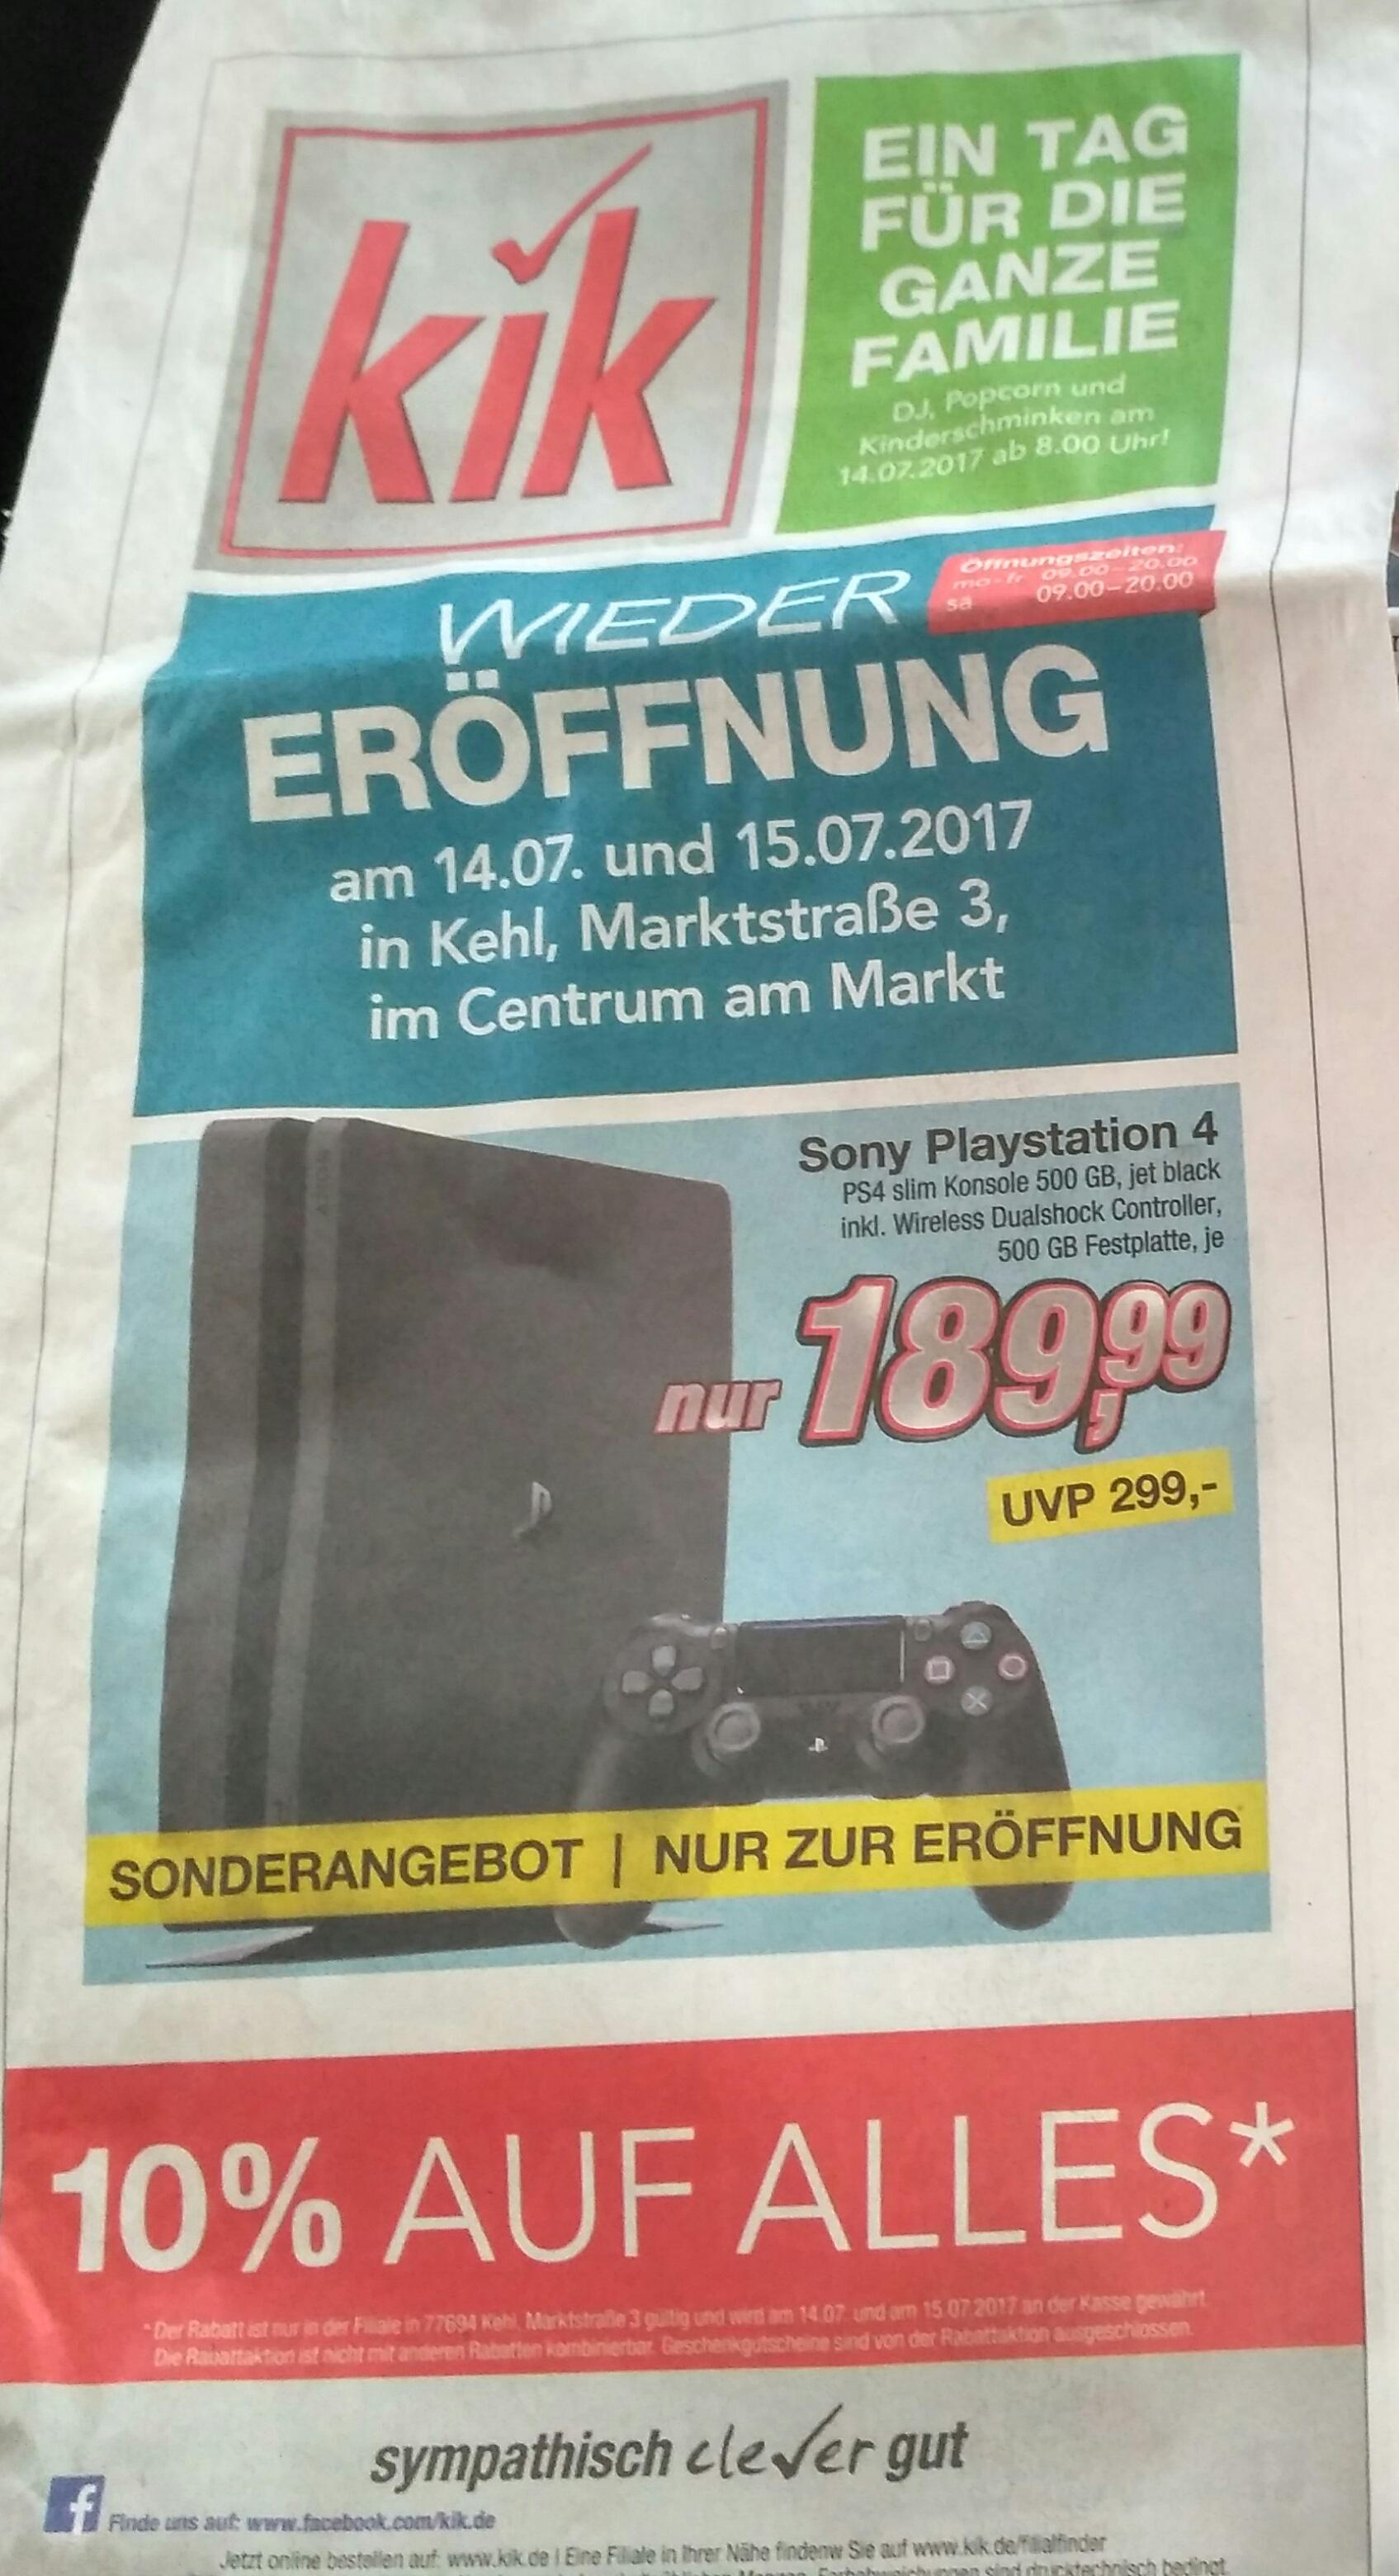 (Lokal) Sony Playstation 4, PS4 slim Konsole 500 GB in Kehl wegen Wiedereröffnung bei KIK. Nur am 14.07 und 15.07